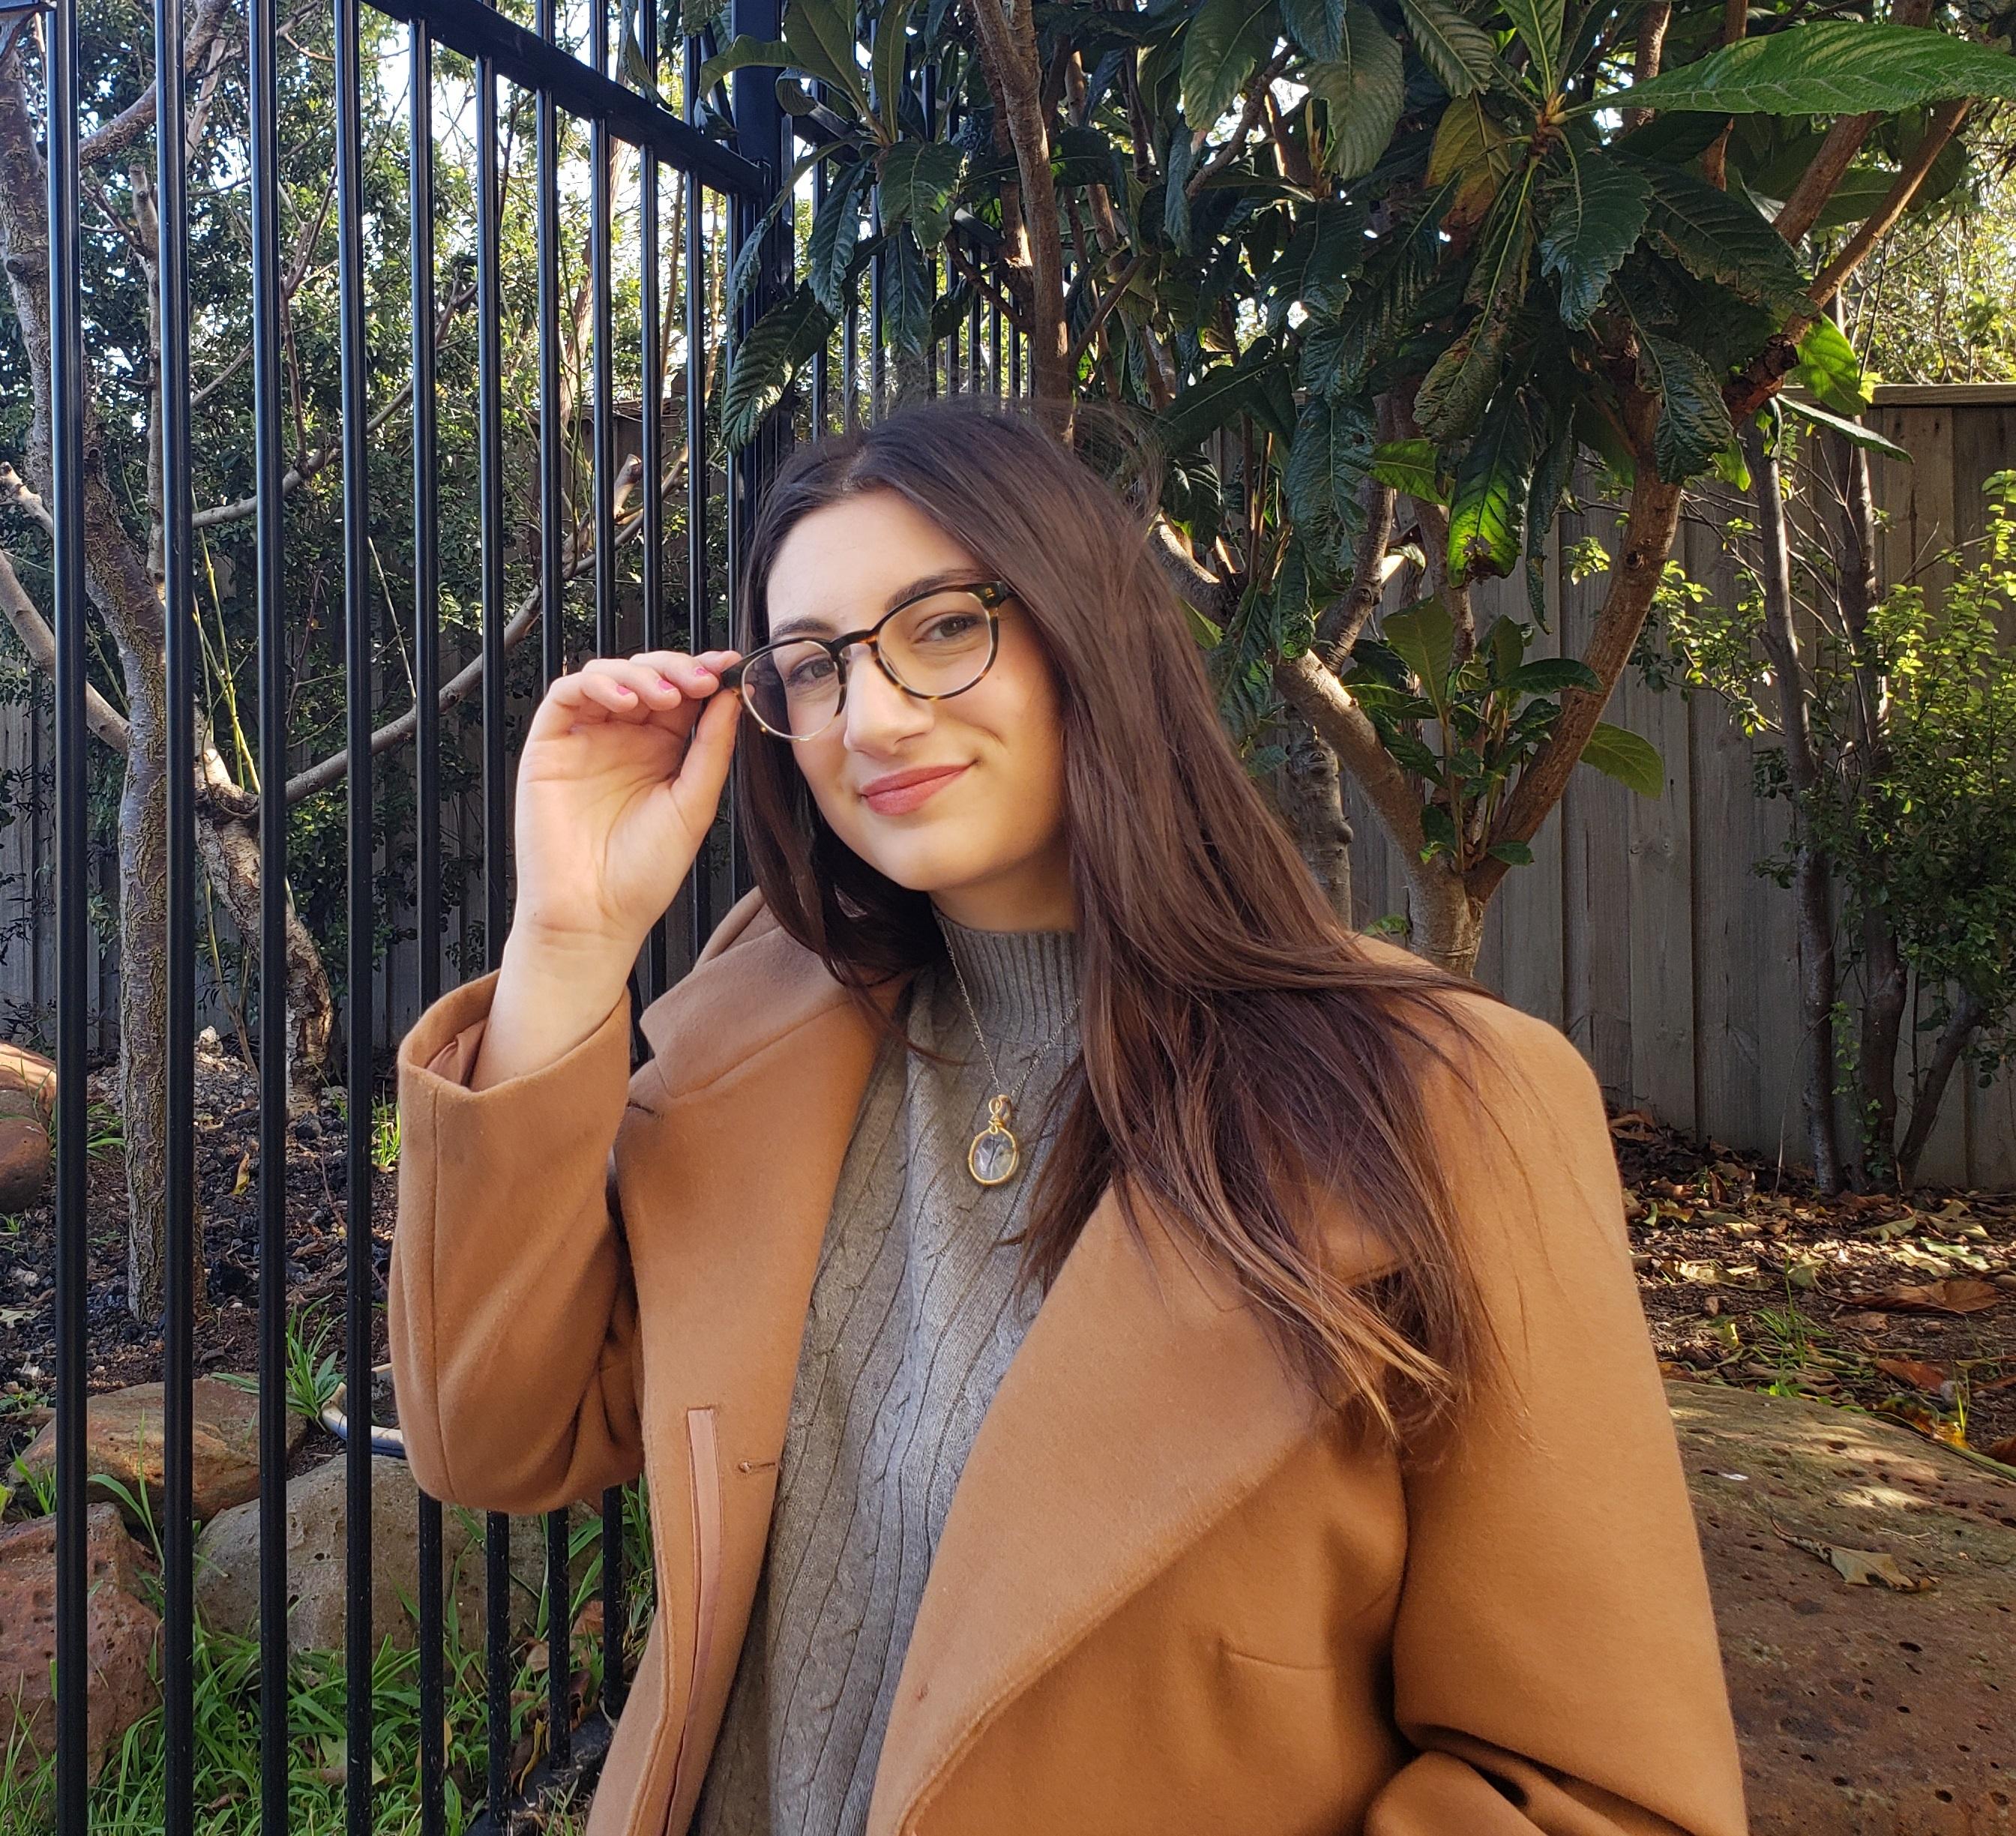 Lauren DeLorenzo